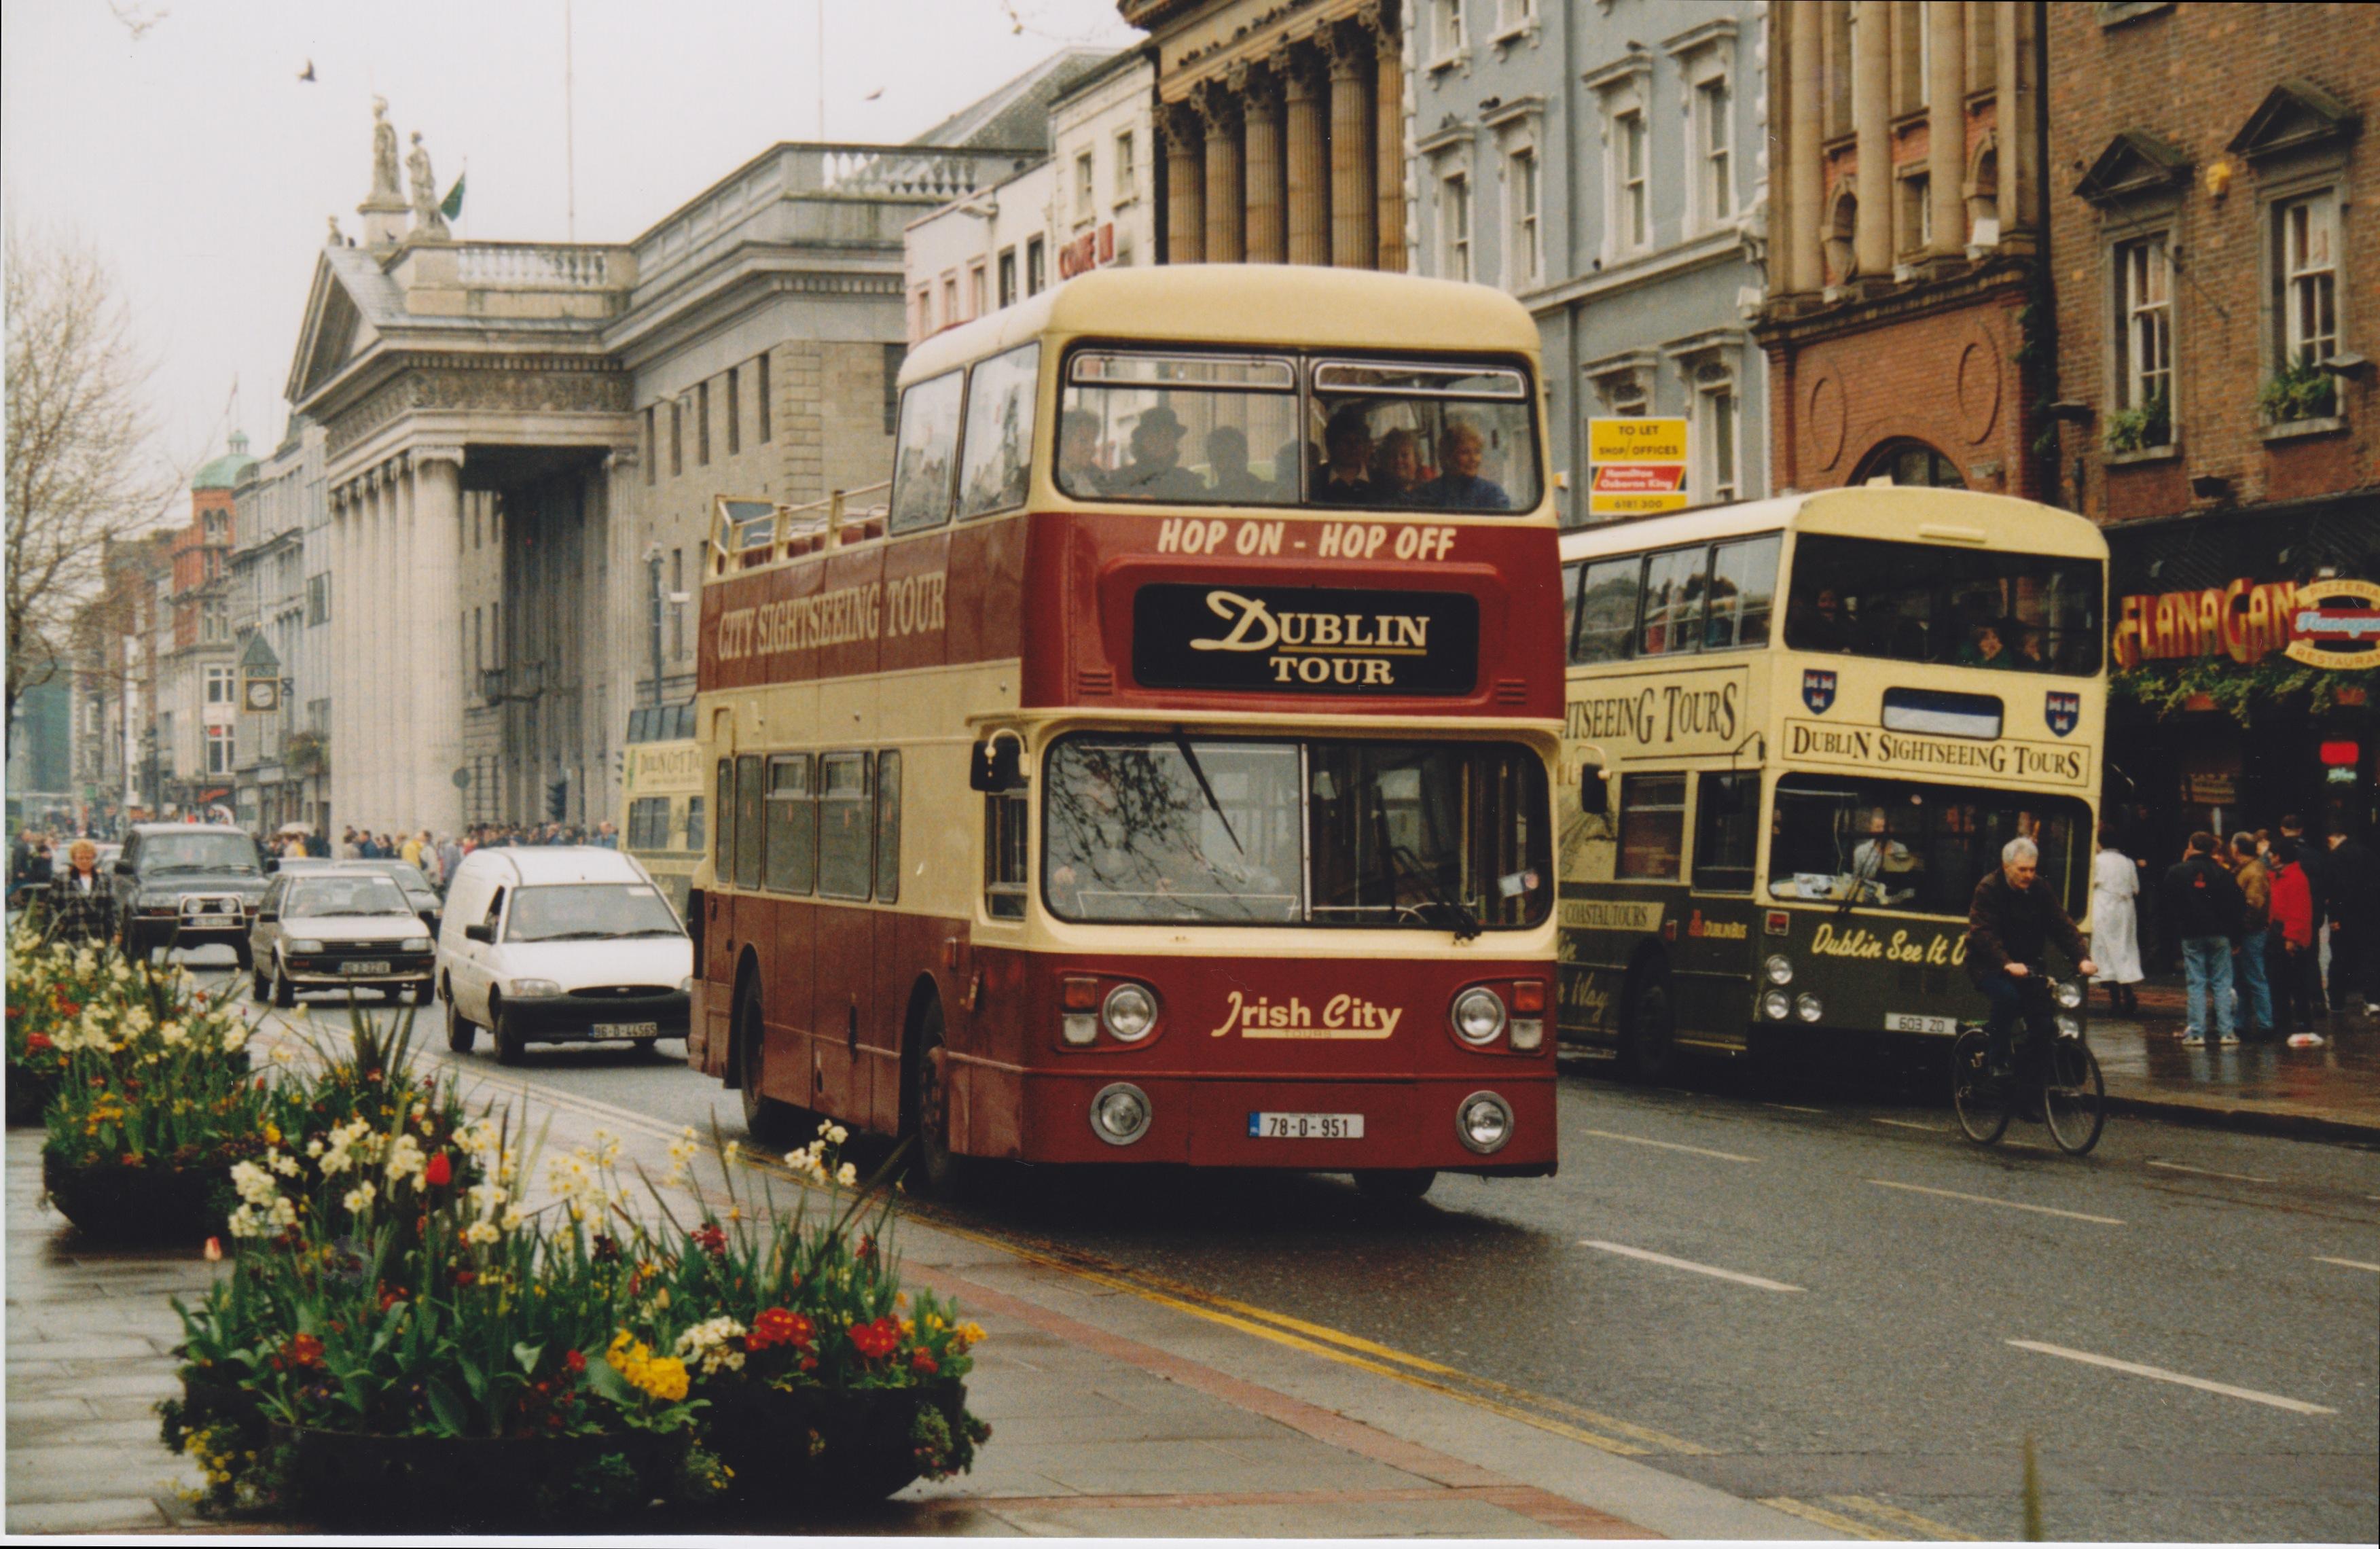 File:Irish City Tours Dublin Tour Bus (78 D 951) Ex